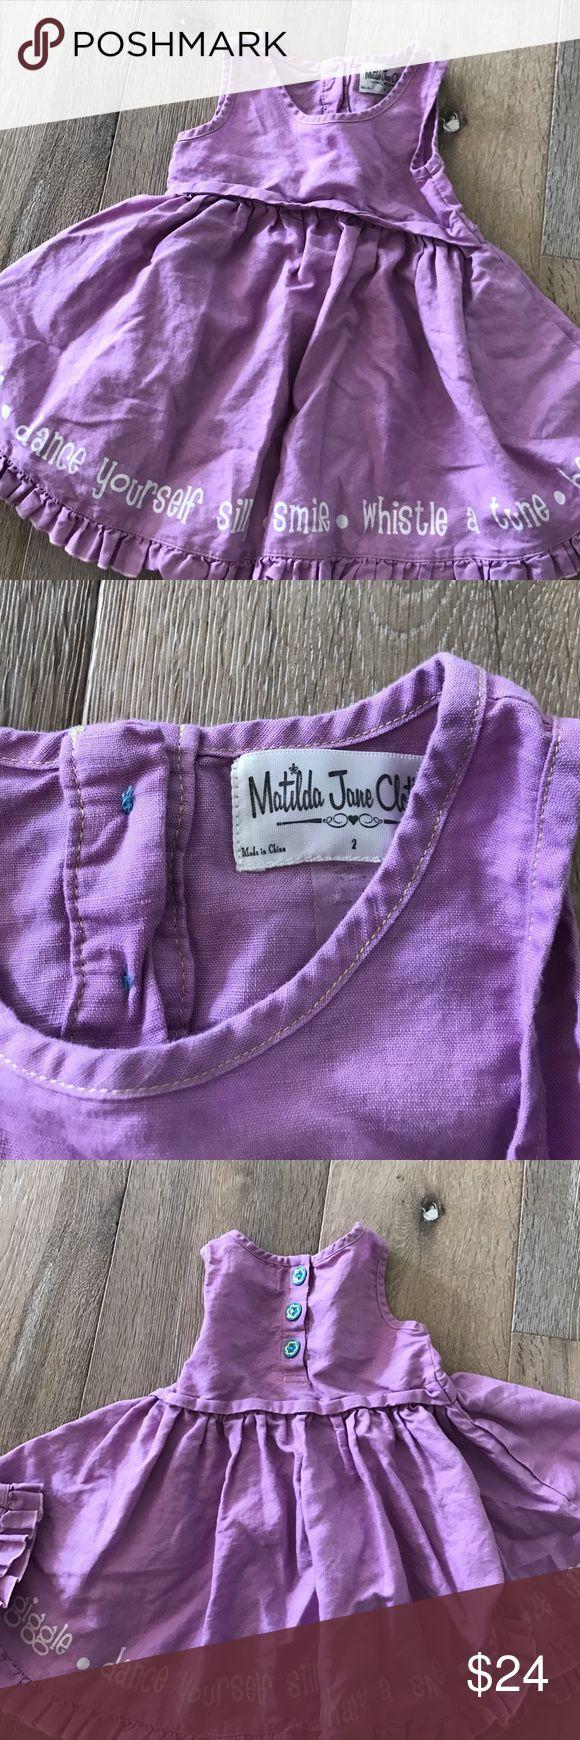 Matilda Jane dress Linen lavender whimsical dress Matilda Jane Dresses Casual